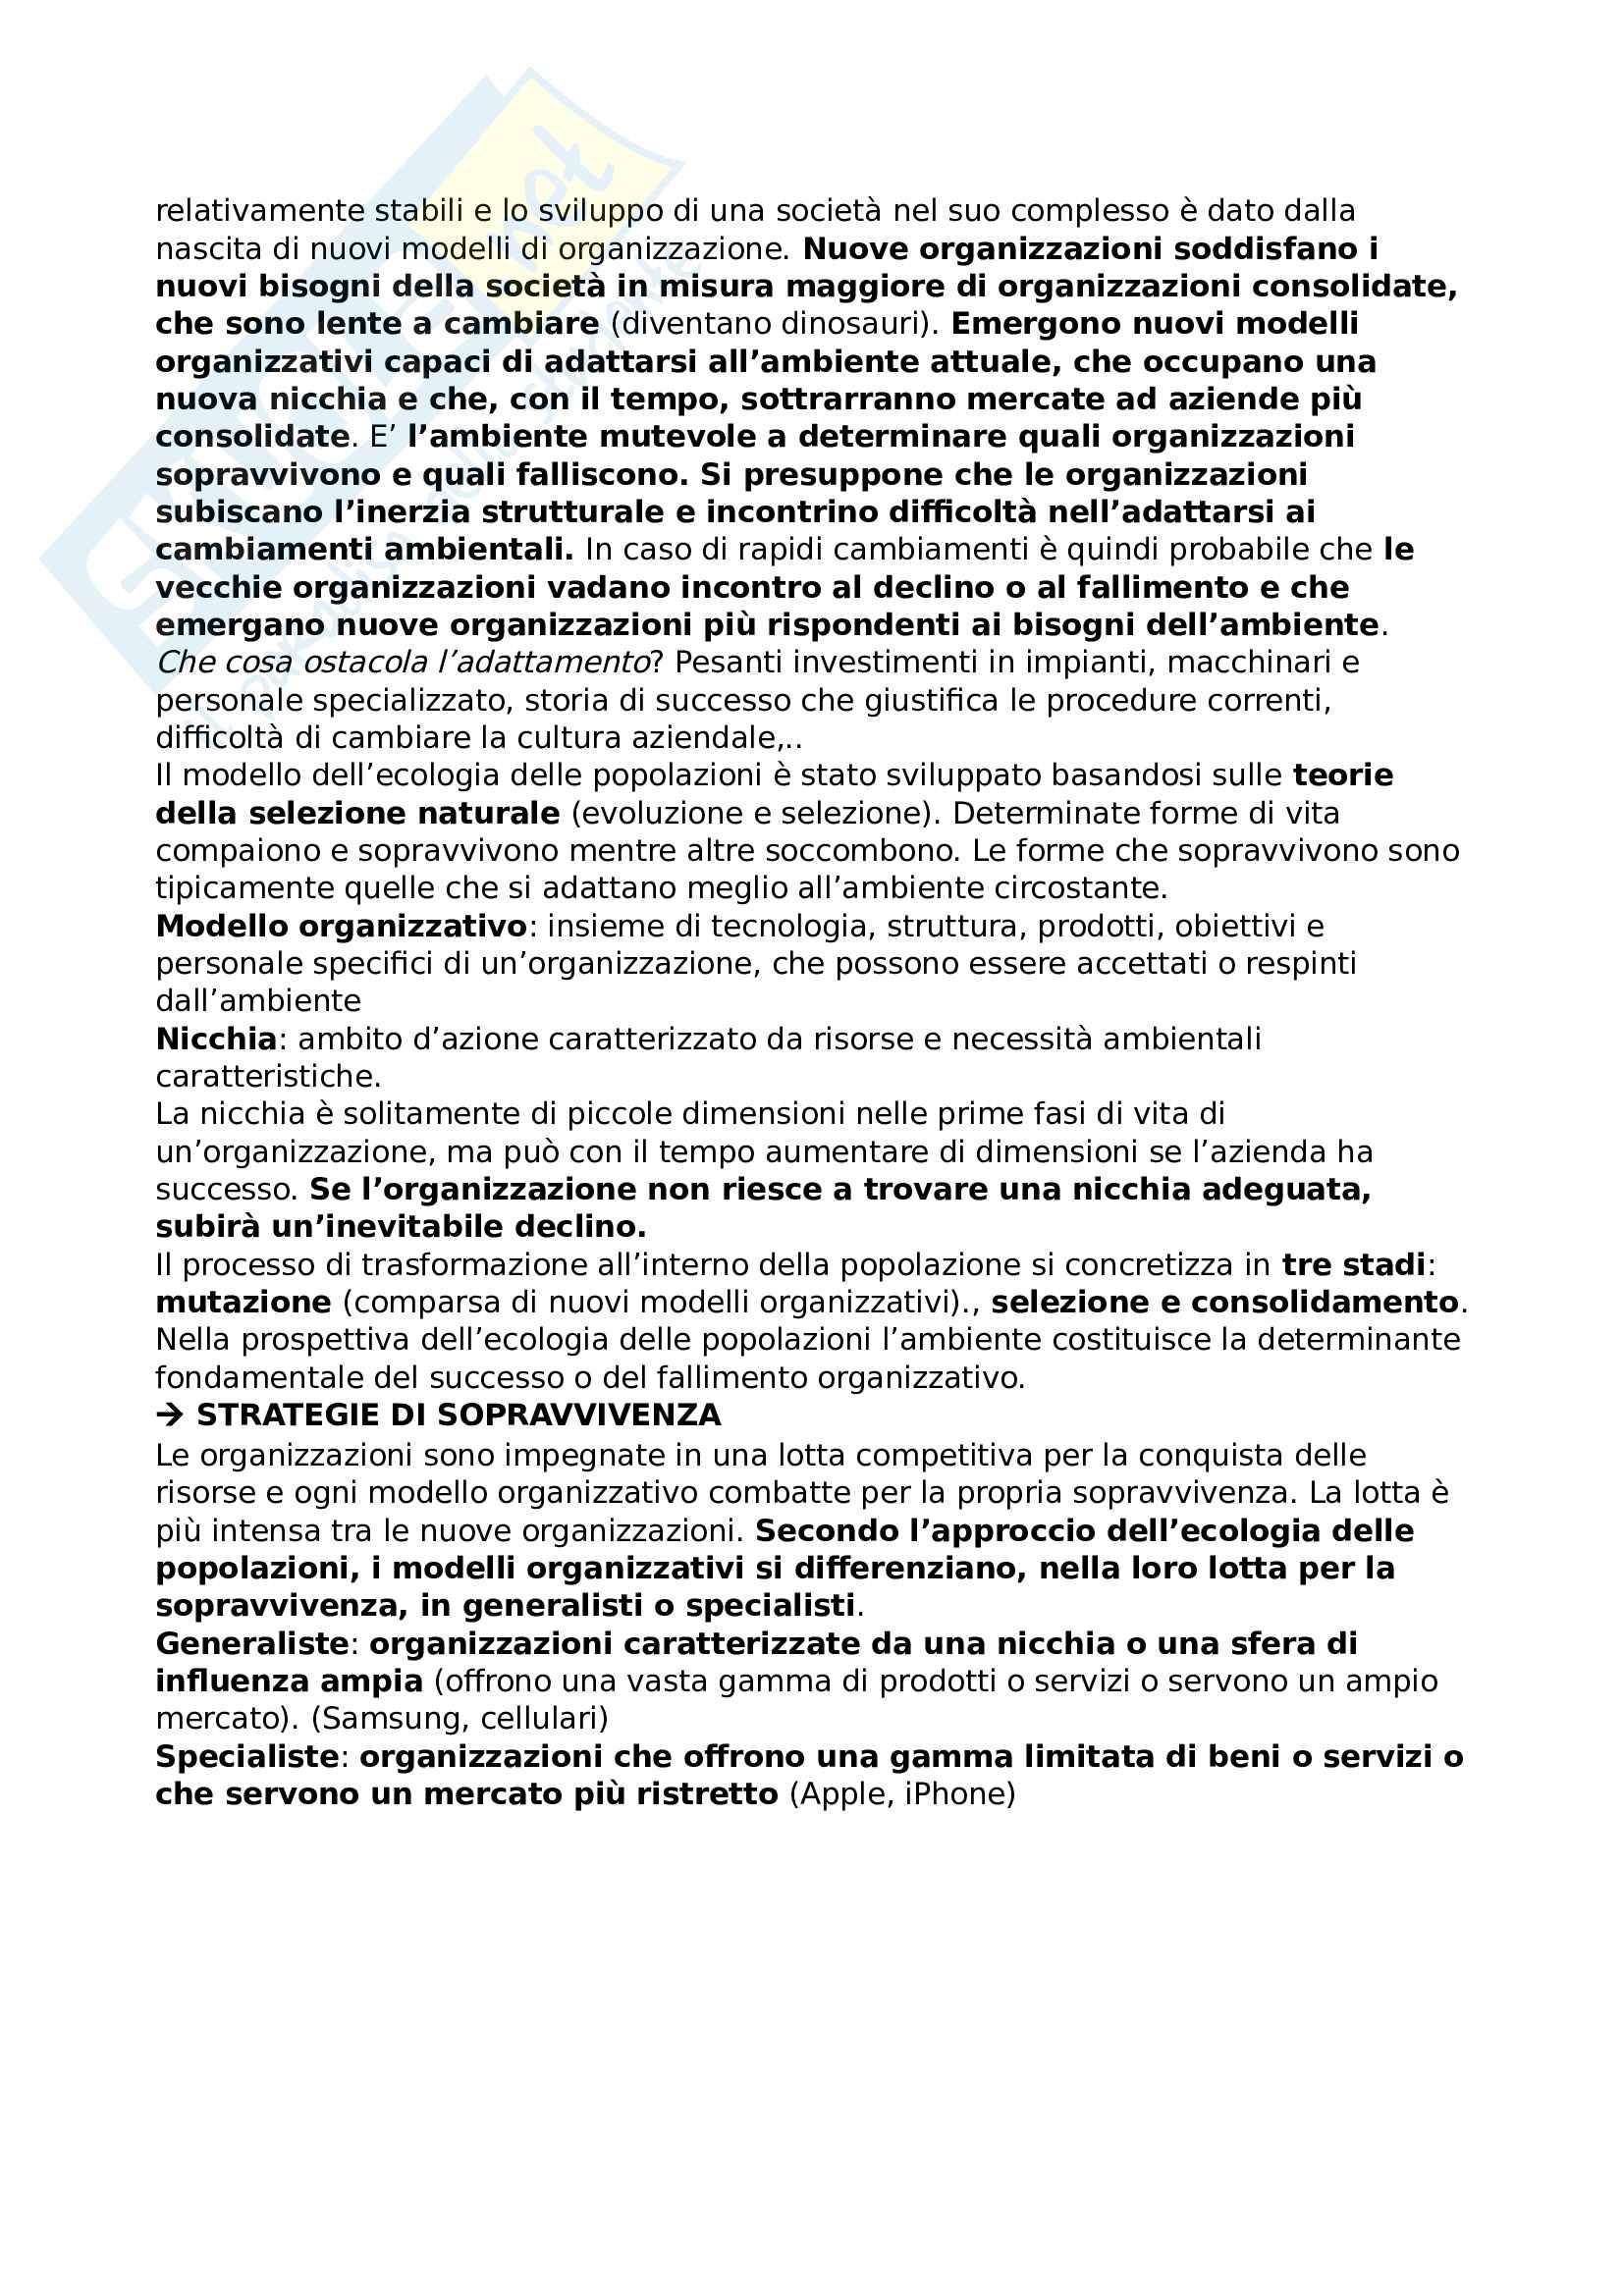 Riassunto esame Organizzazione aziendale Pag. 11